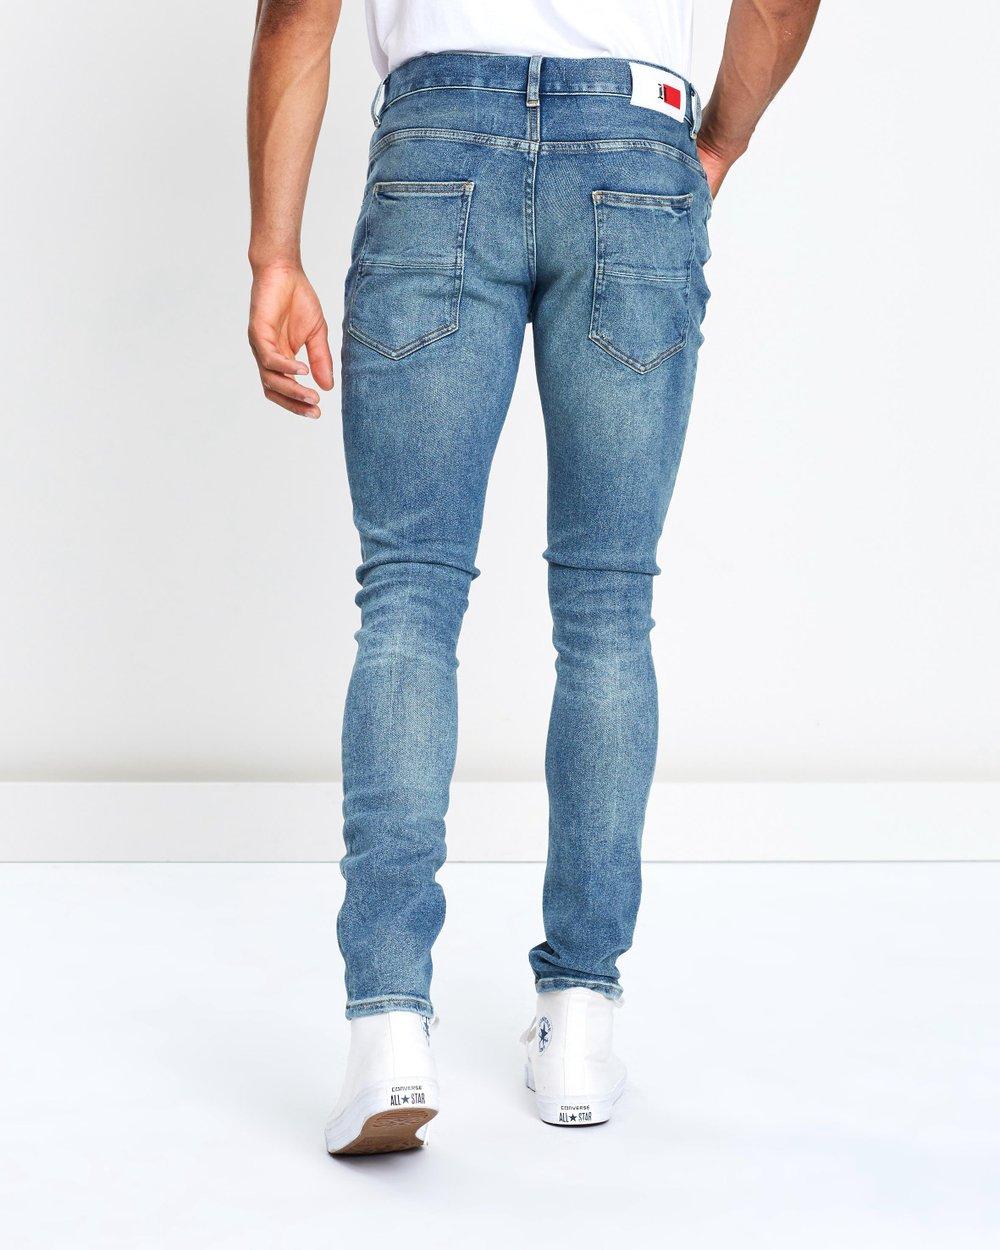 c42f6de8b Lewis Hamilton Denim Jeans by Tommy Hilfiger Online